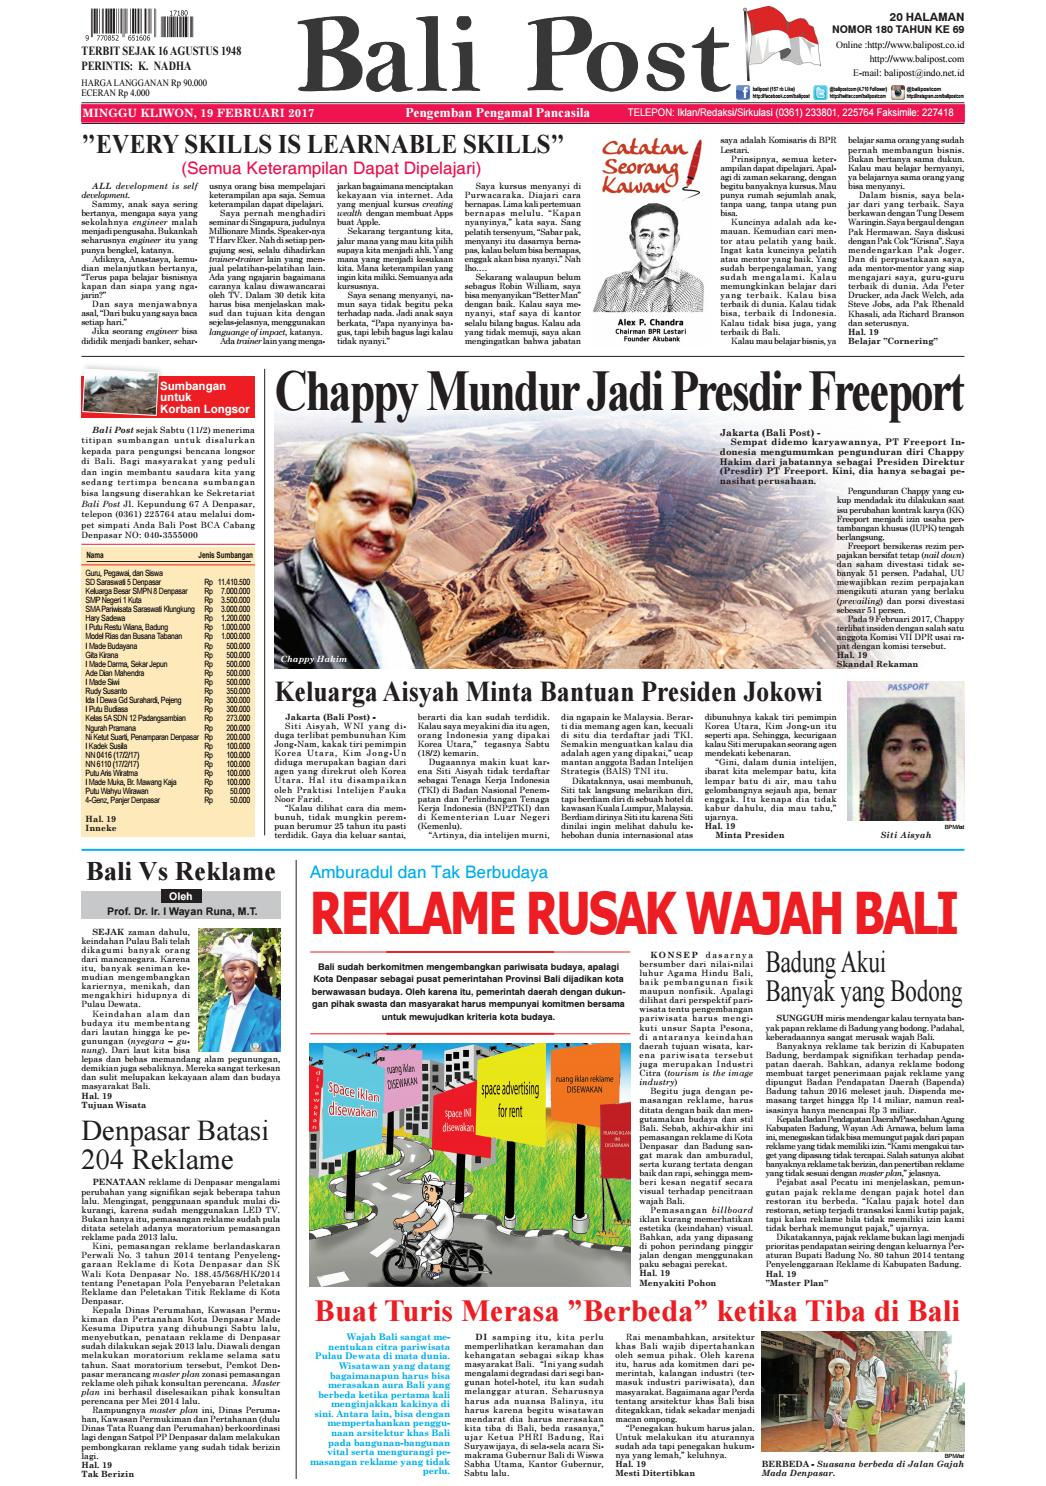 Edisi19 Februari 2017 Balipostcom By E Paper KMB Issuu